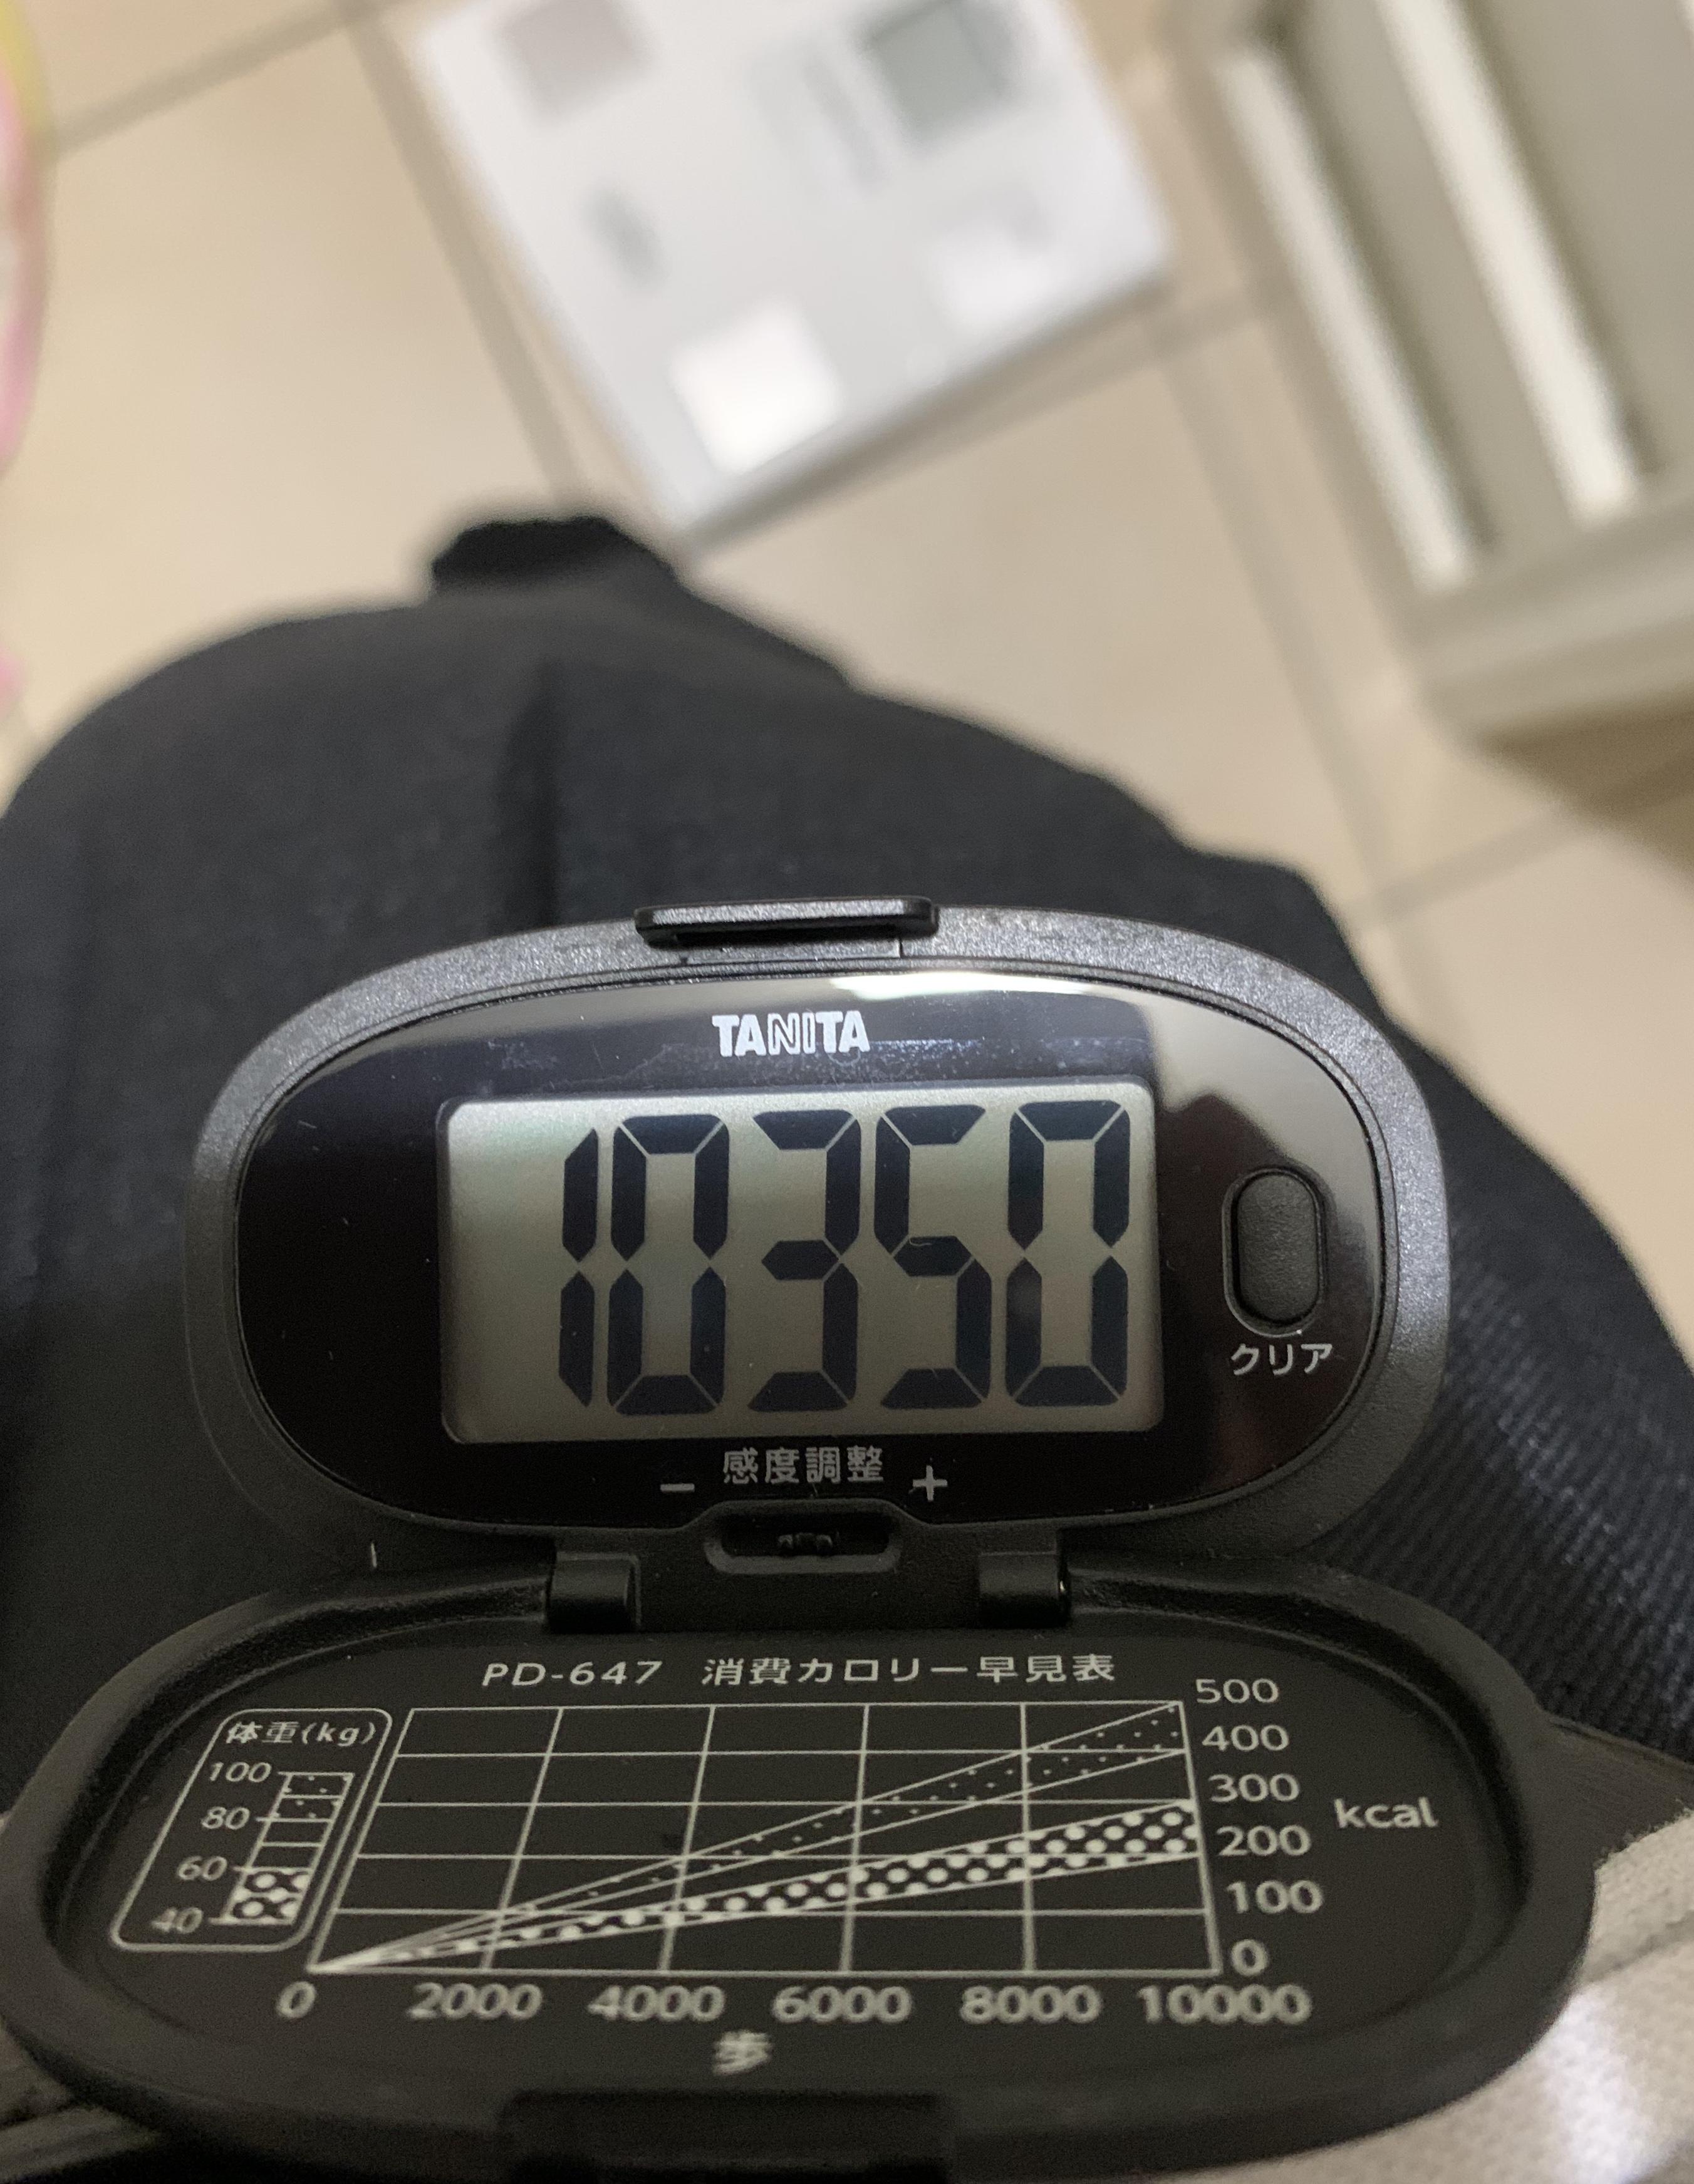 [ブログ]昨日はあんまり歩数行かずで…